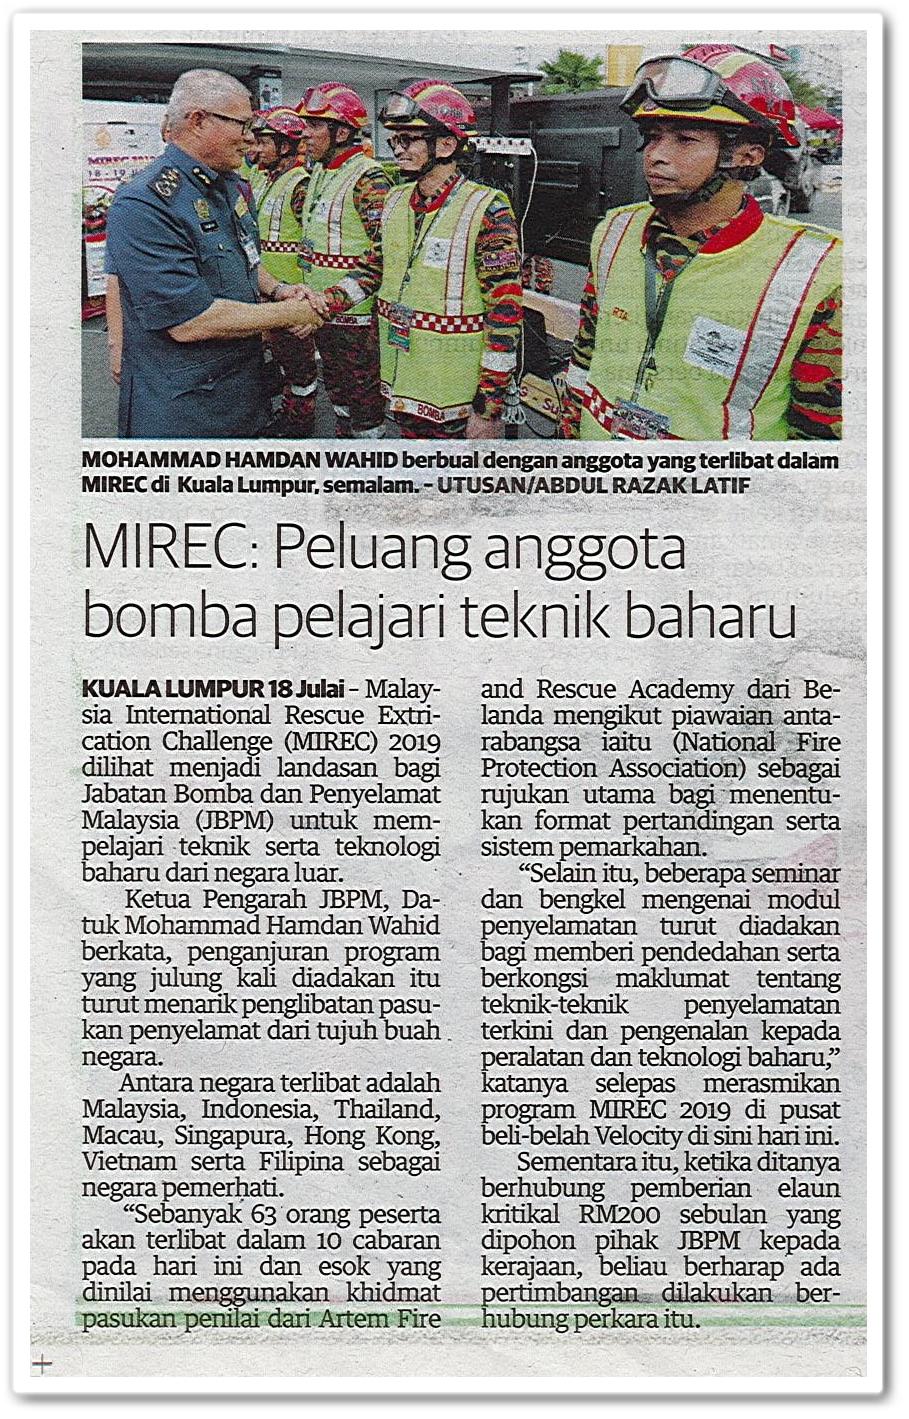 MIREC : Peluang anggota bomba pelajari teknik baharu - Keratan akhbar Utusan Malaysia 19 Julai 2019